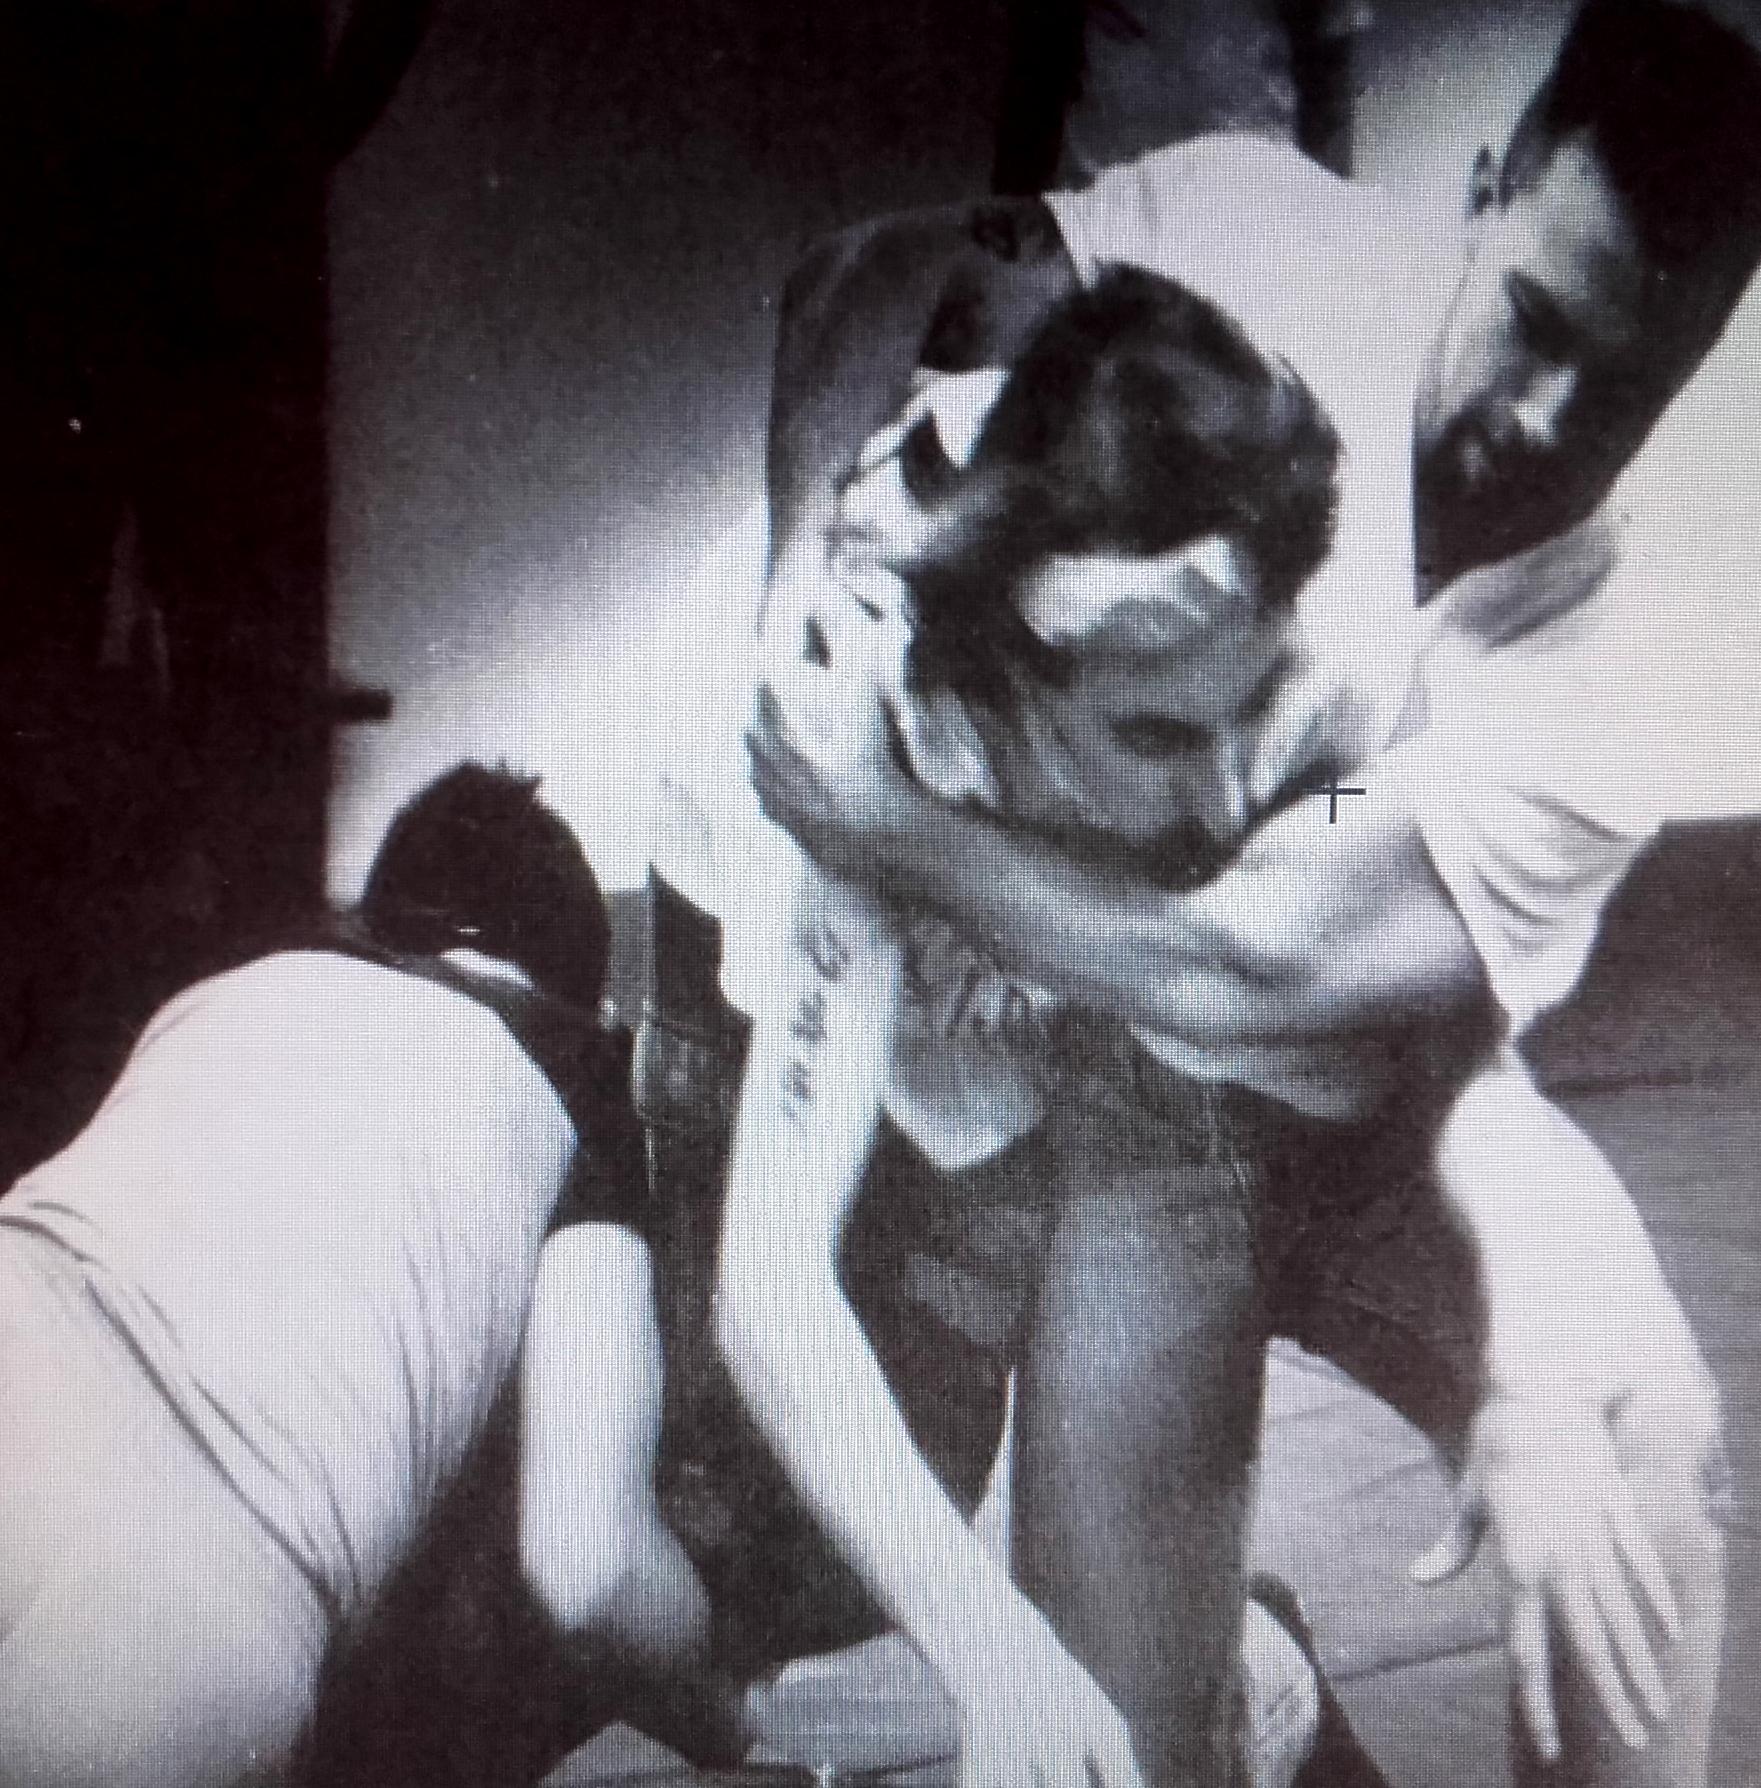 Varios miembros de las patrullas recibiendo clases de artes marciales (1991)